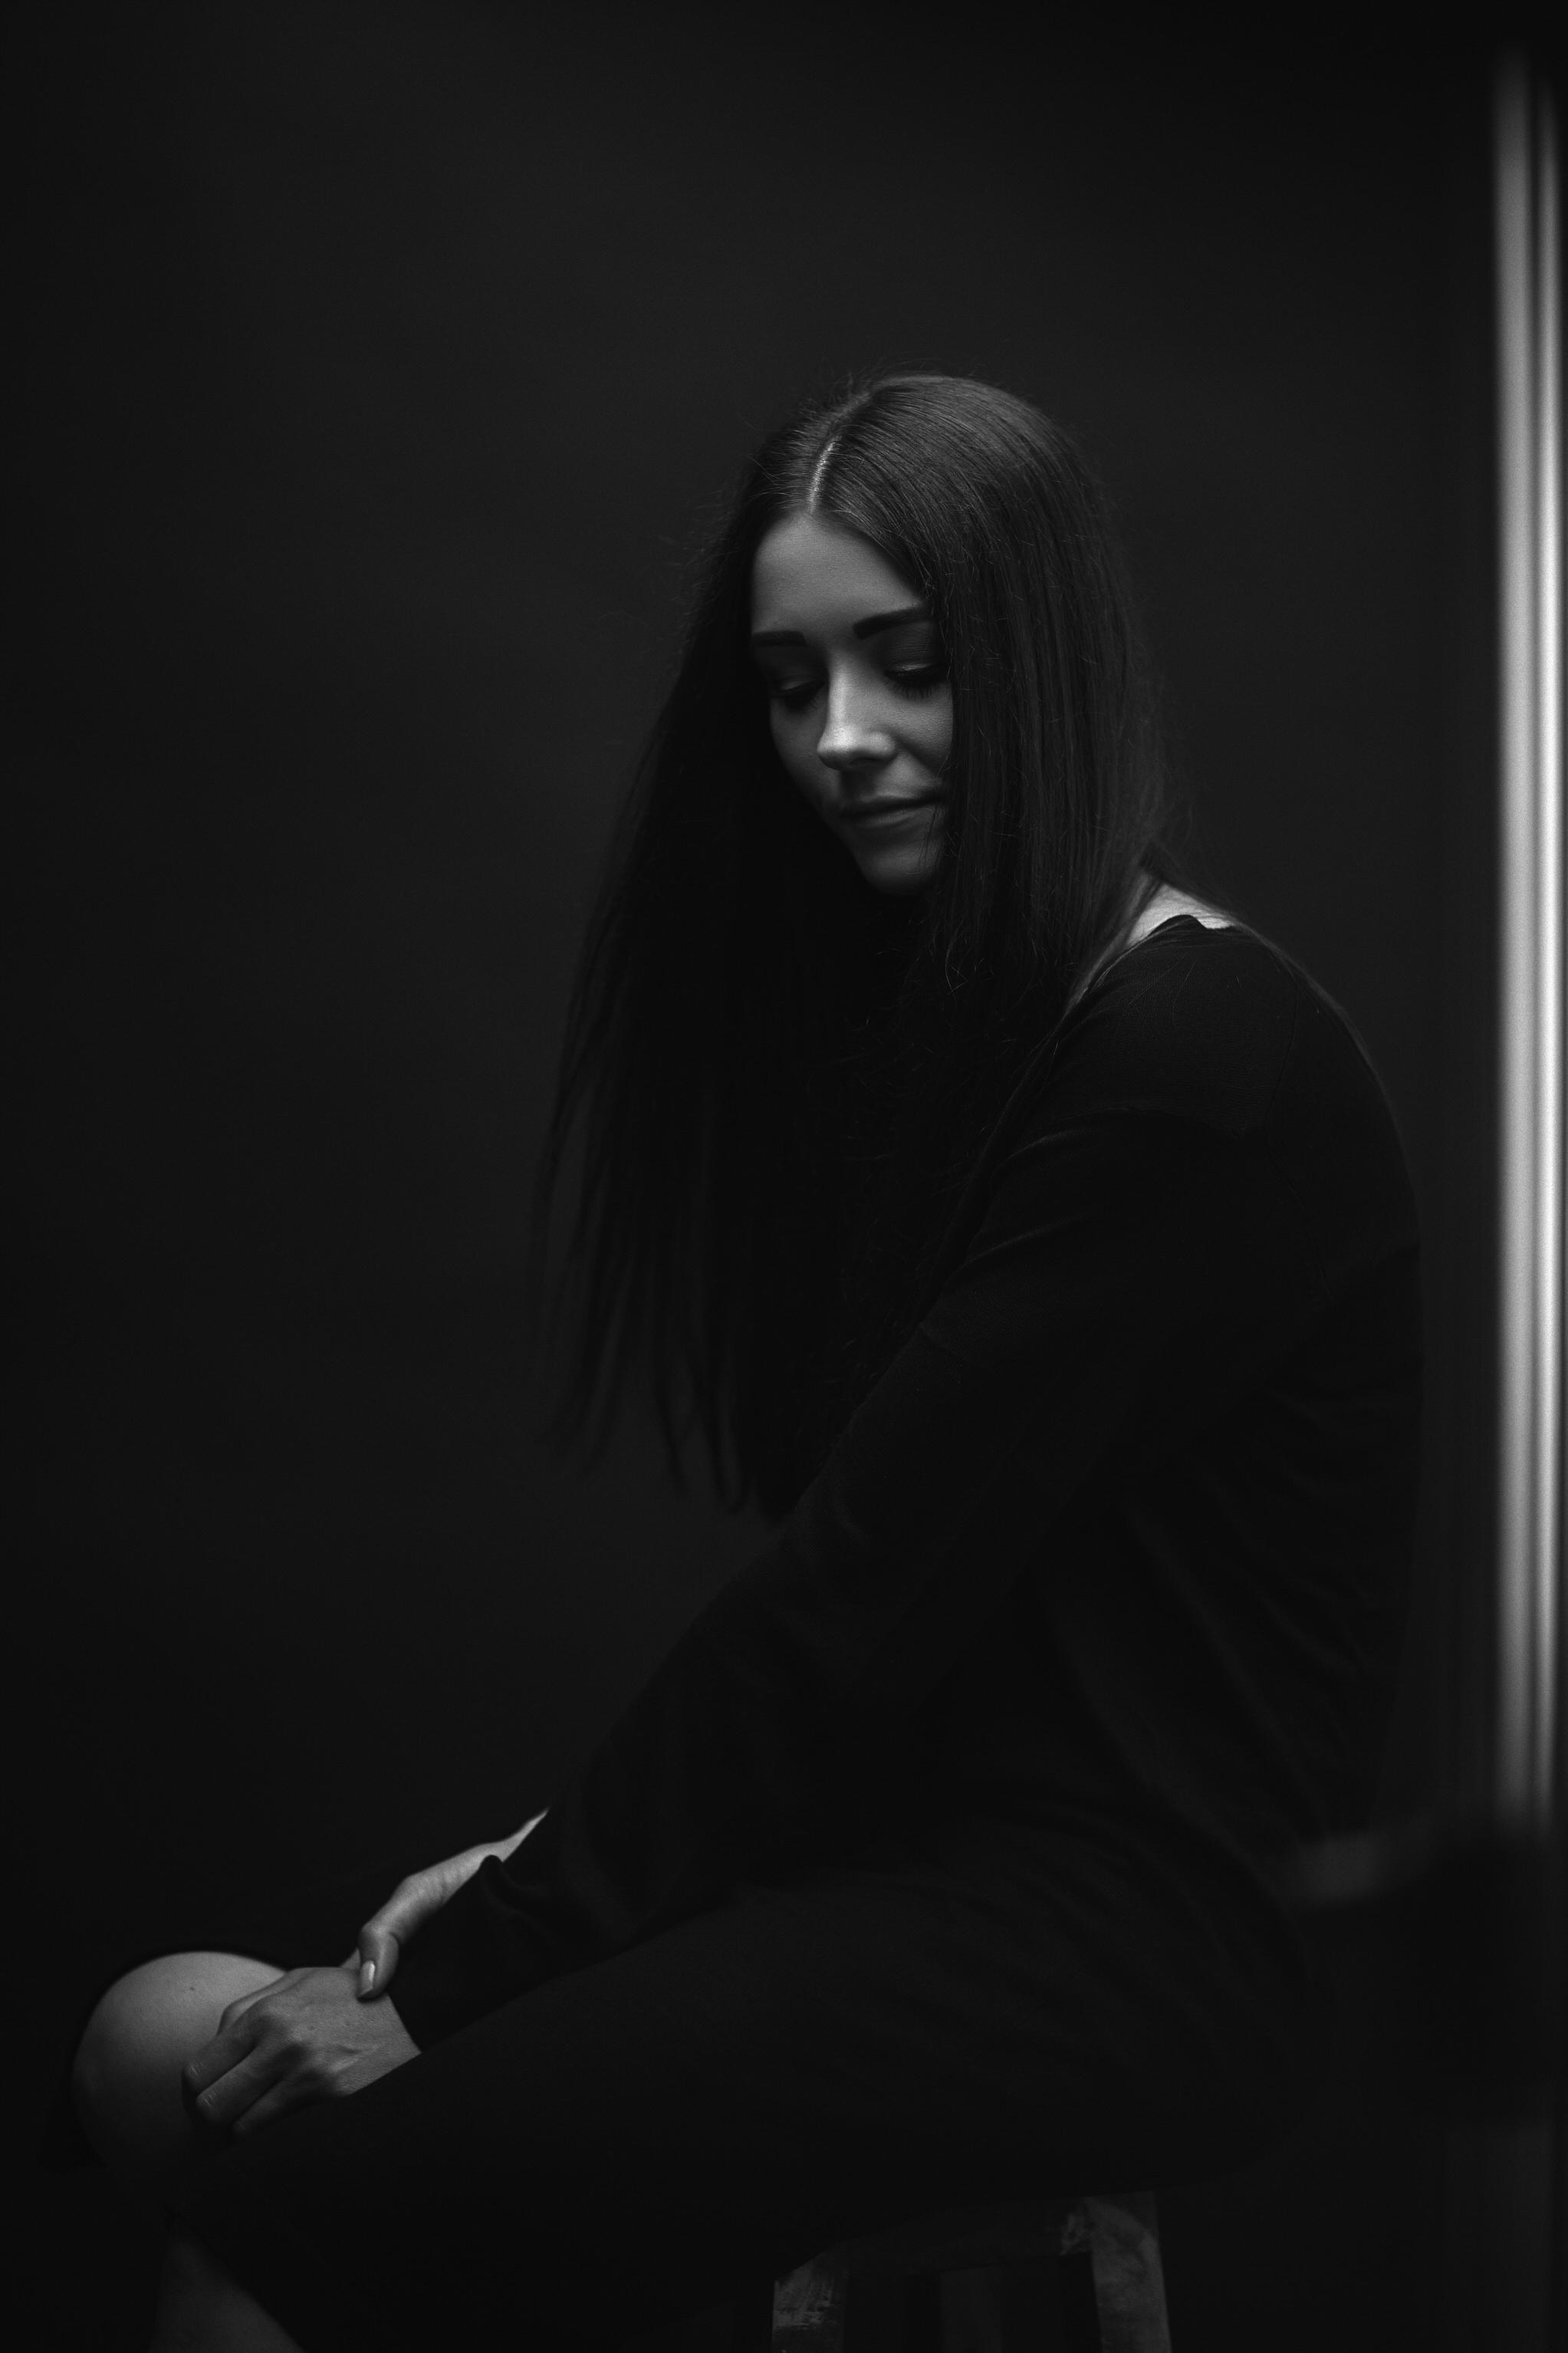 Dunkle Portraits in schwarz-weiss